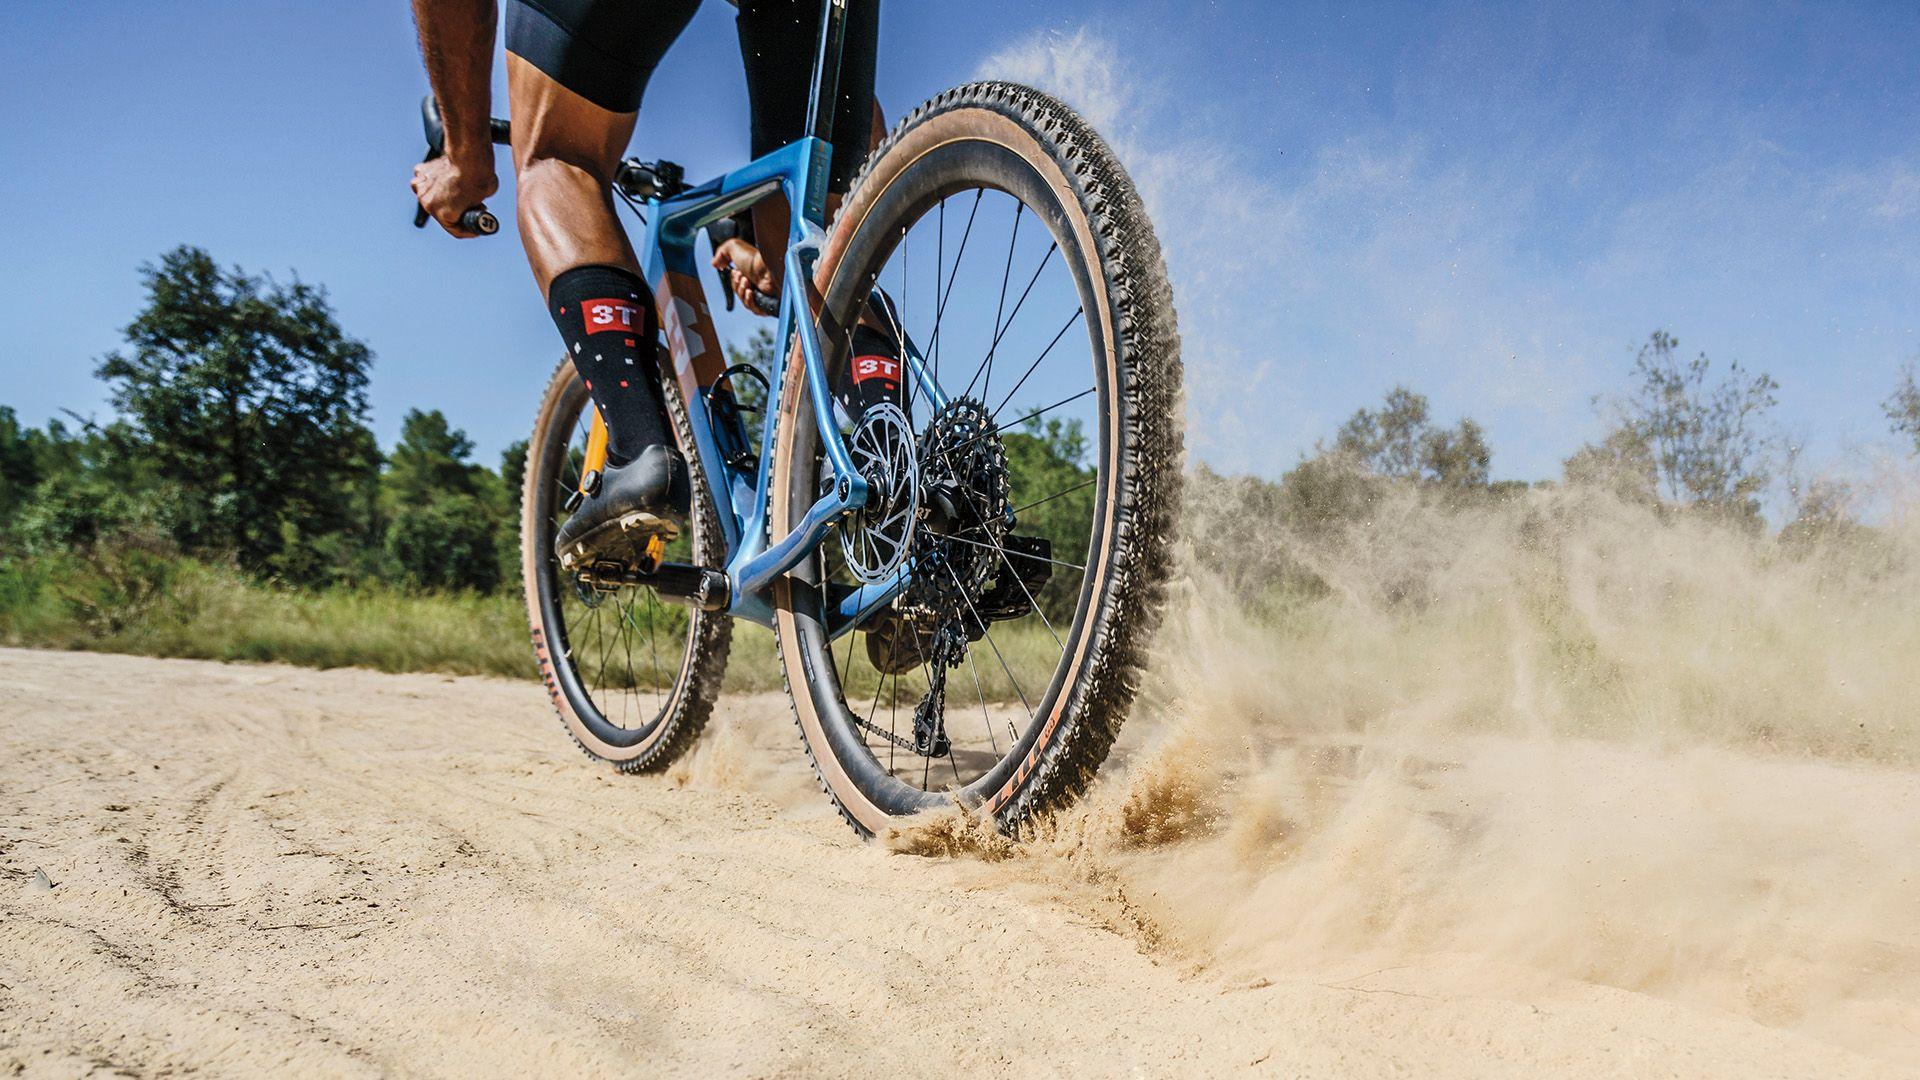 Best New Gravel Bikes For Every Rider Gravel Bike Adventure